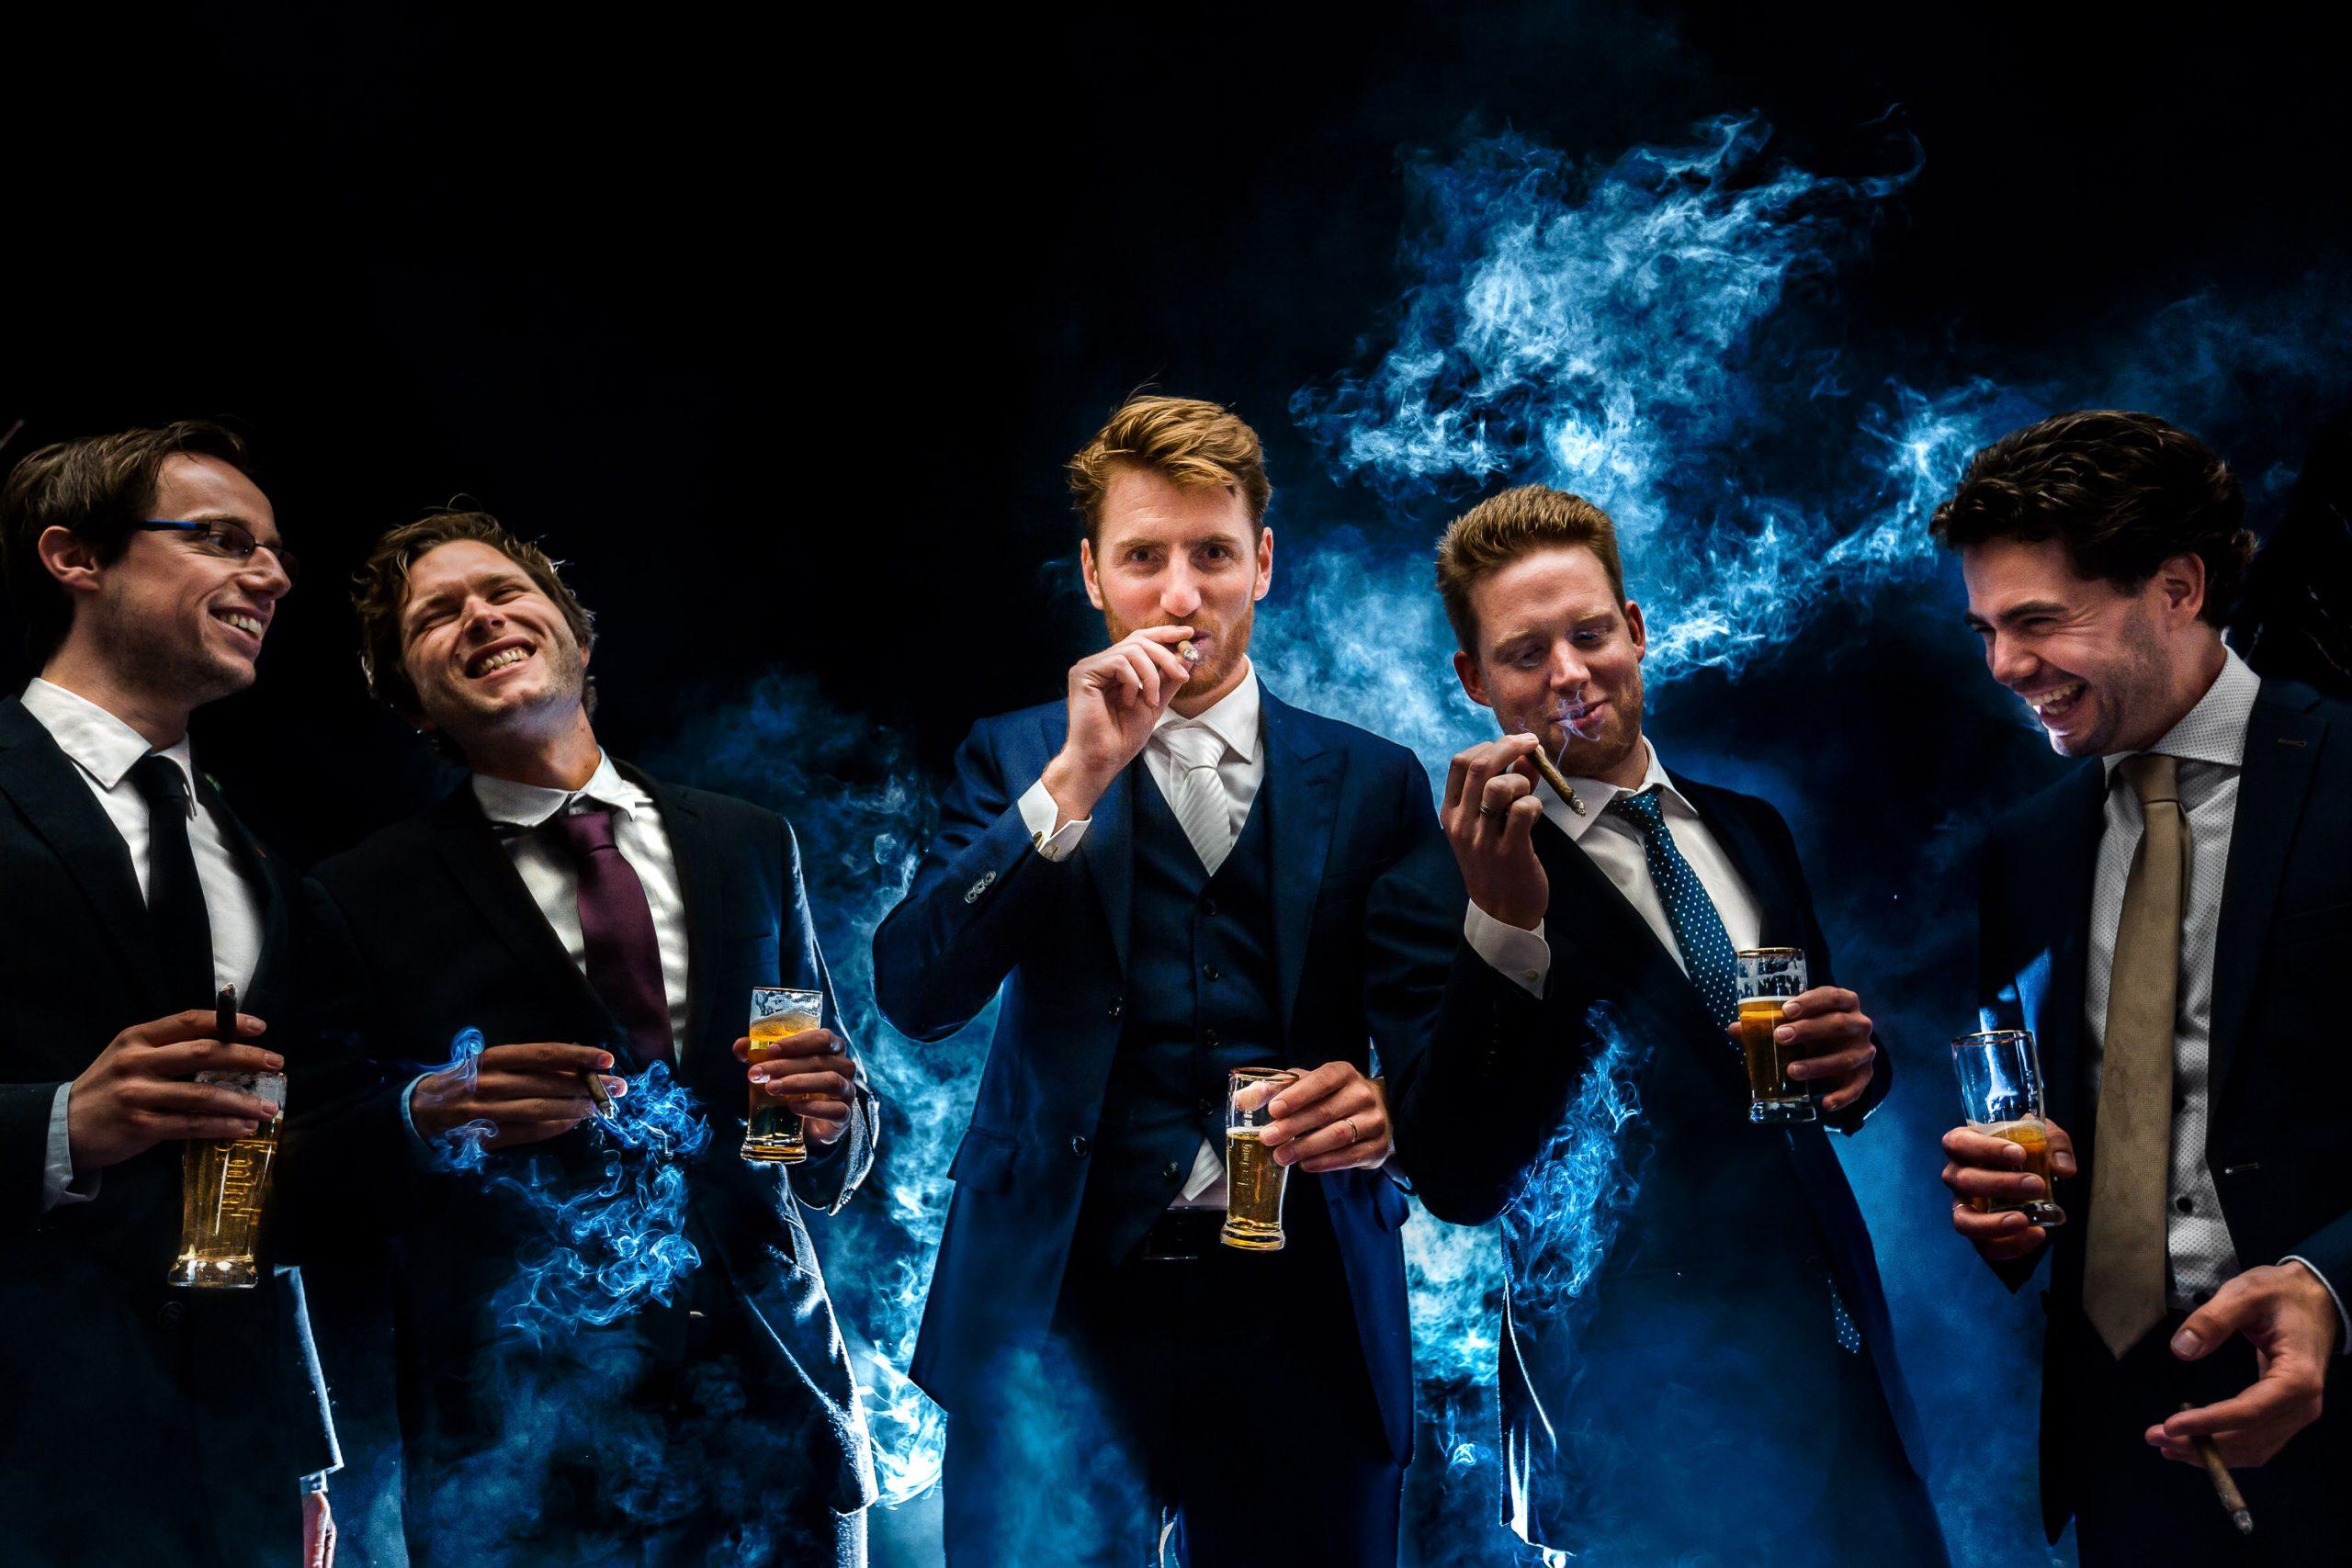 Bruidegom staat samen met zijn vrienden een sigaar te roken met rook op de achtergrond